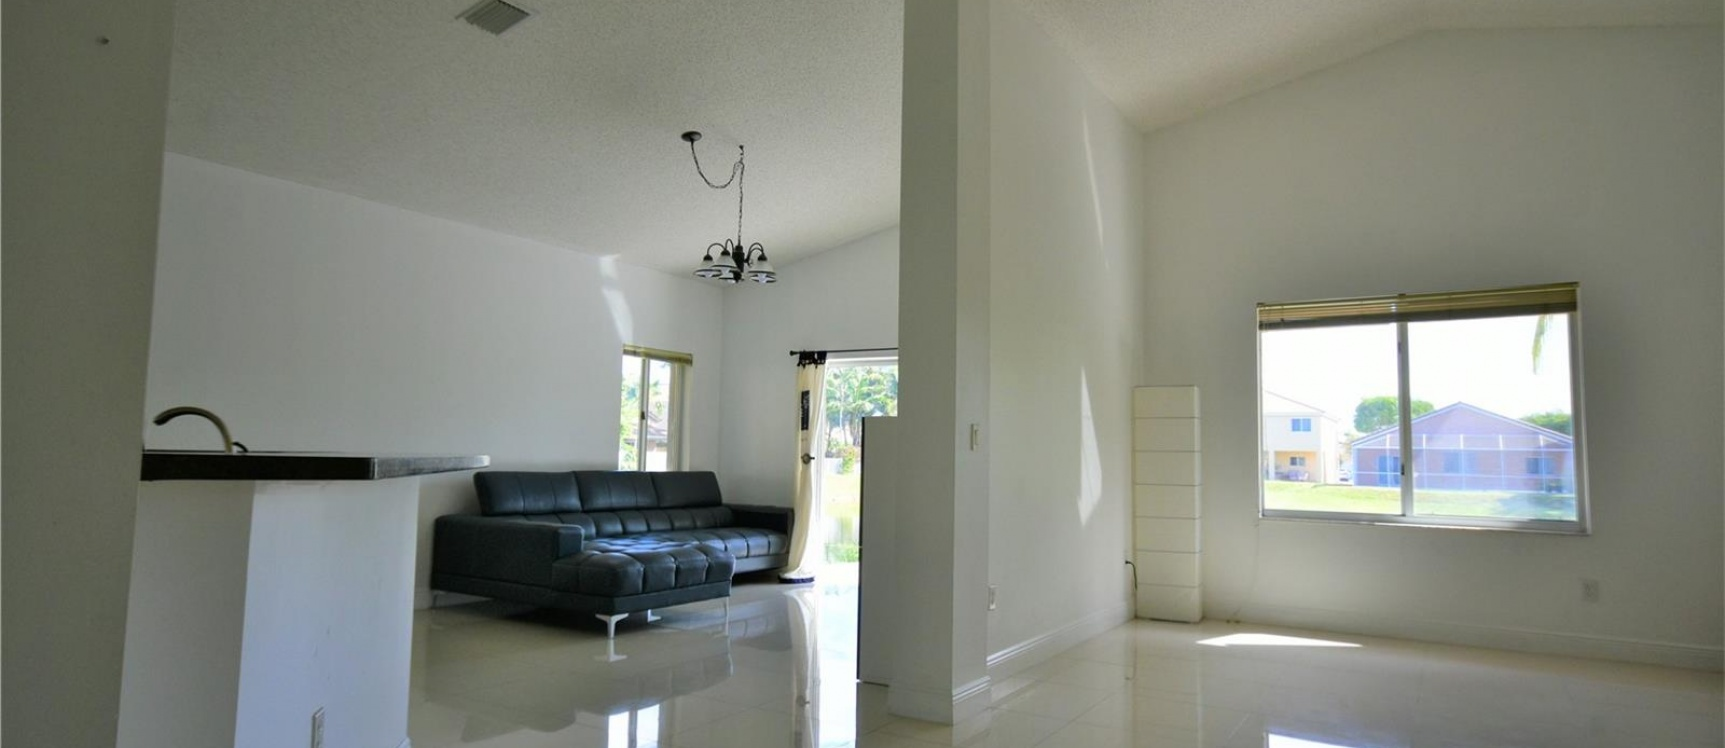 GeoBienes - Casa a la Venta en Miami - Doral Gardens - Plusvalia Guayaquil Casas de venta y alquiler Inmobiliaria Ecuador